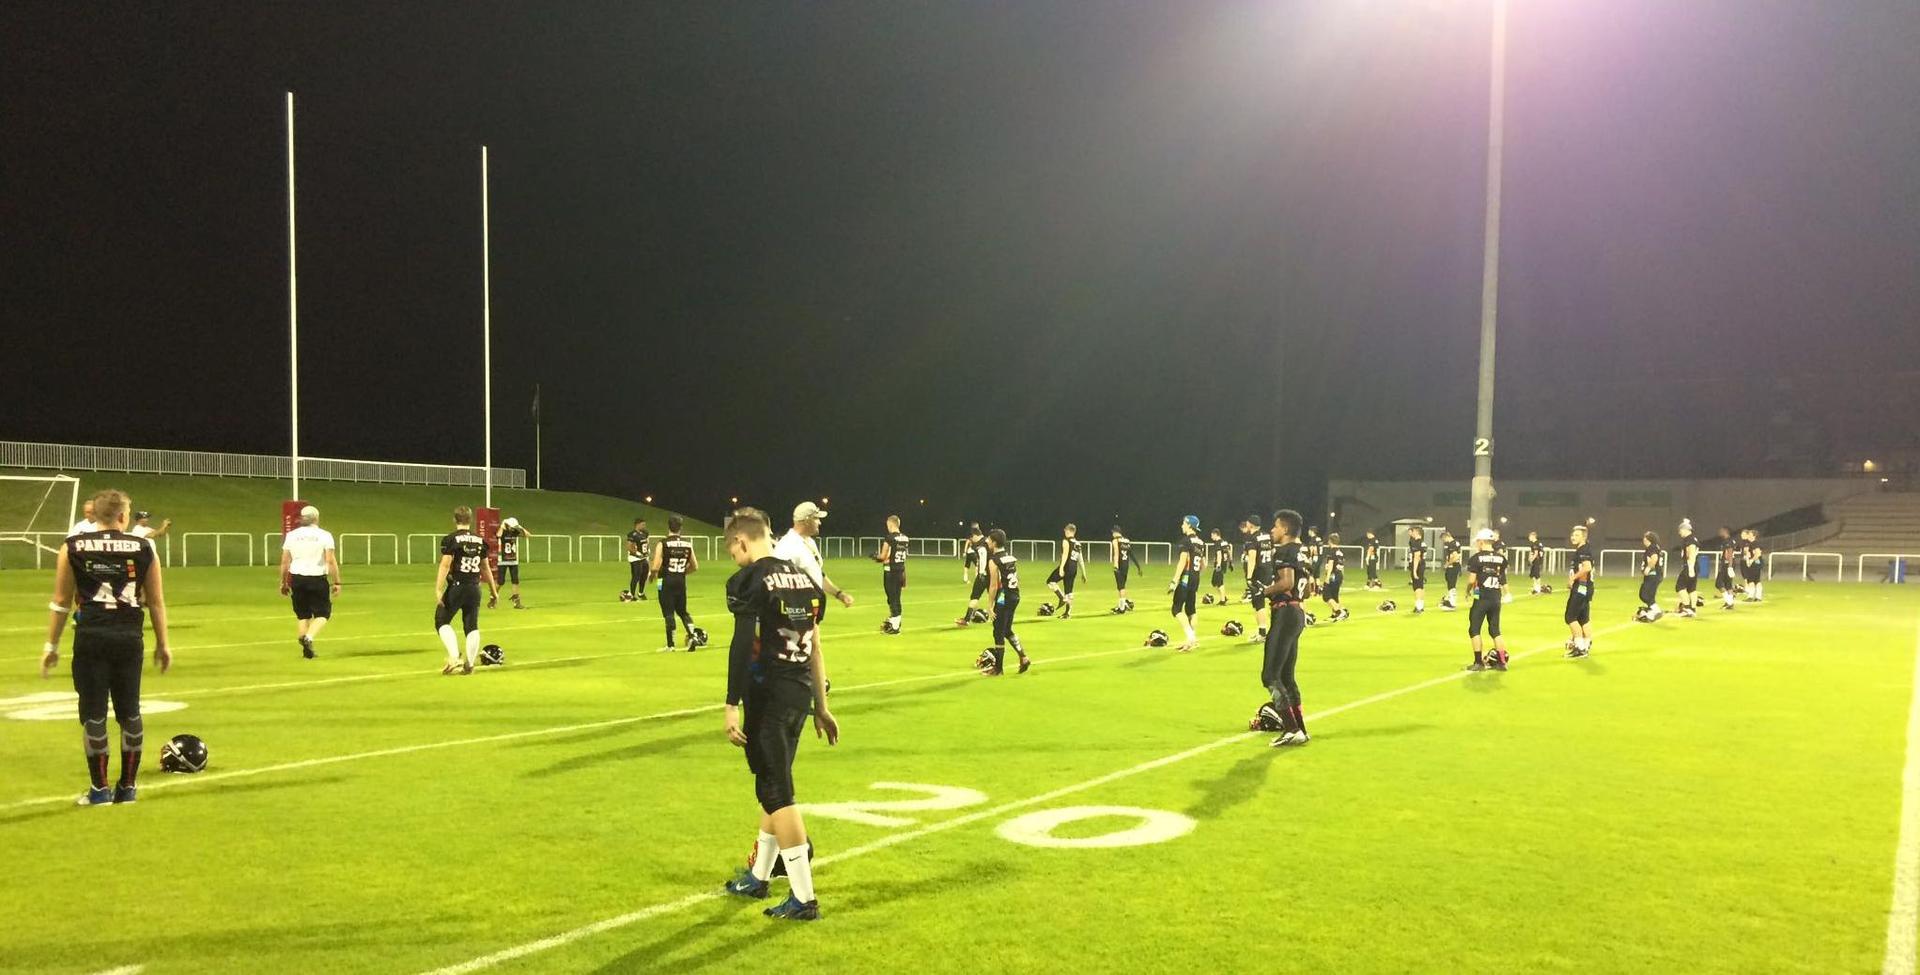 Training der U17 der Düsseldorf Panther unter Flutlicht in Dubai